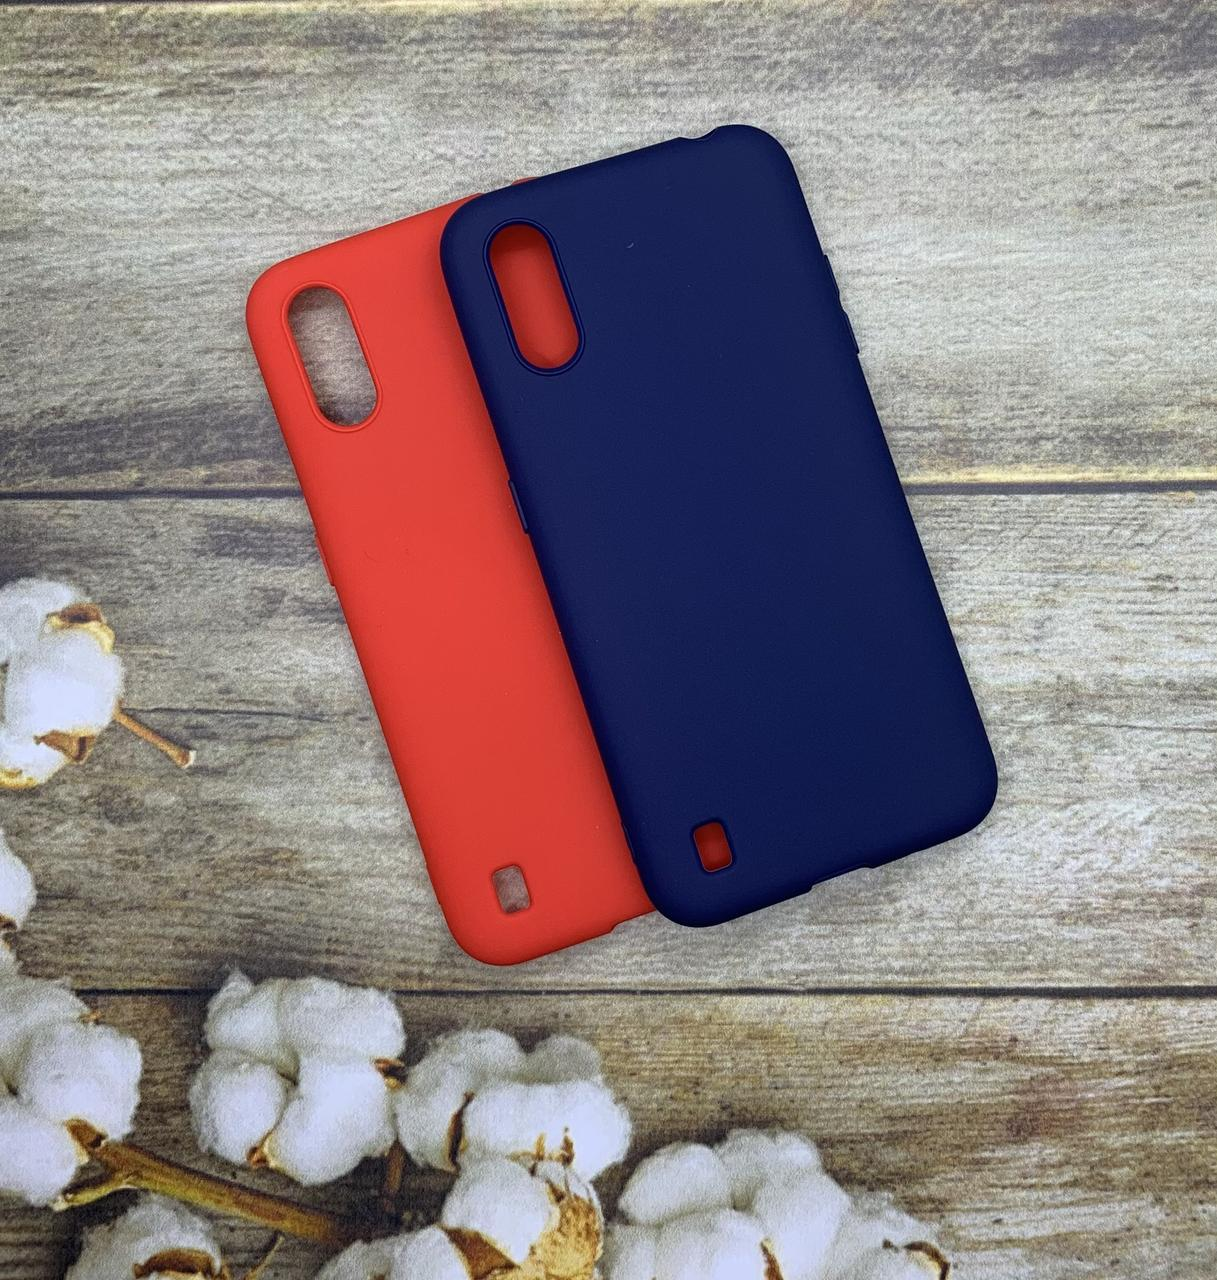 Чехол на Samsung A01 2020 (A015F) матовый цветной силиконовый  ультратонкий бампер/ накладка